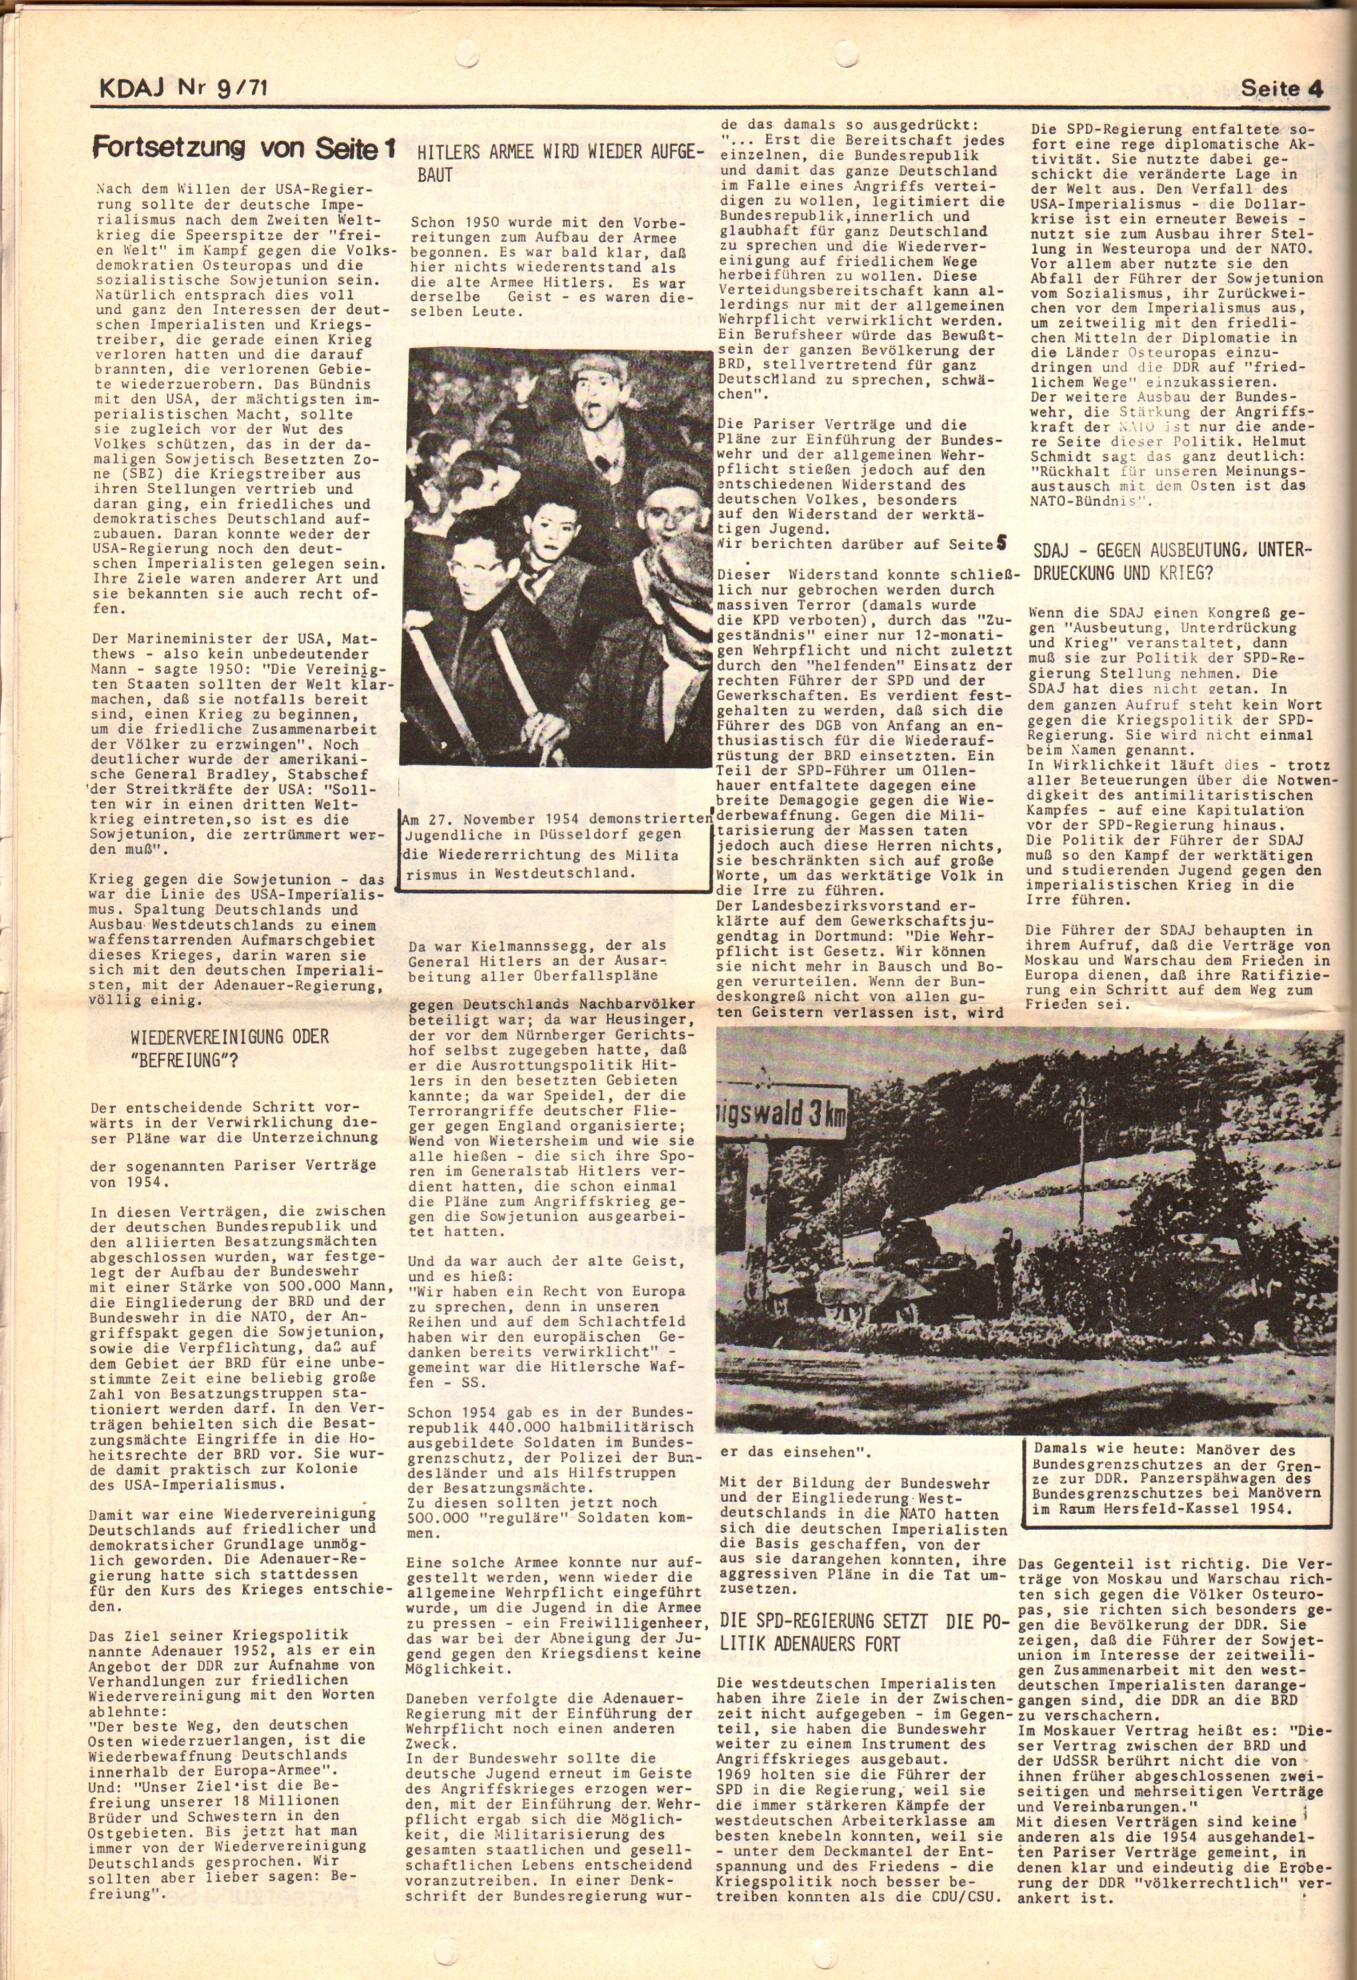 KDAJ, 2. Jg., September 1971, Nr. 9, Seite 4